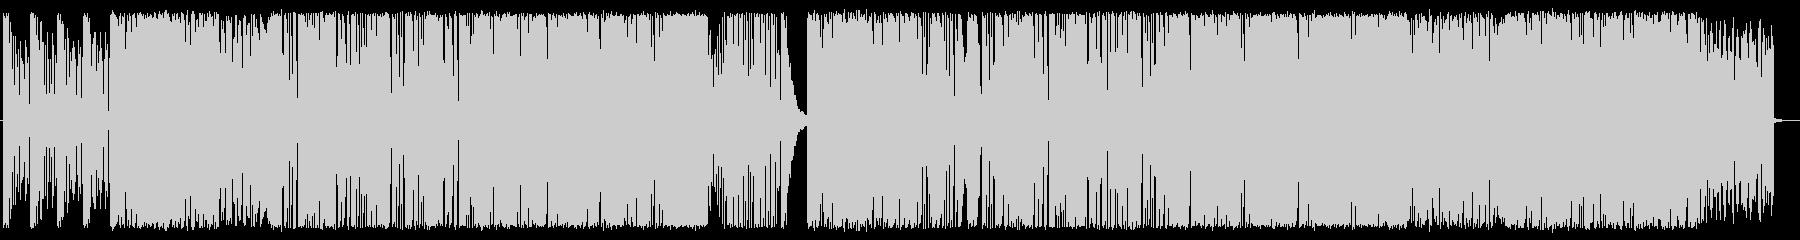 トランス&スラップベースの未再生の波形